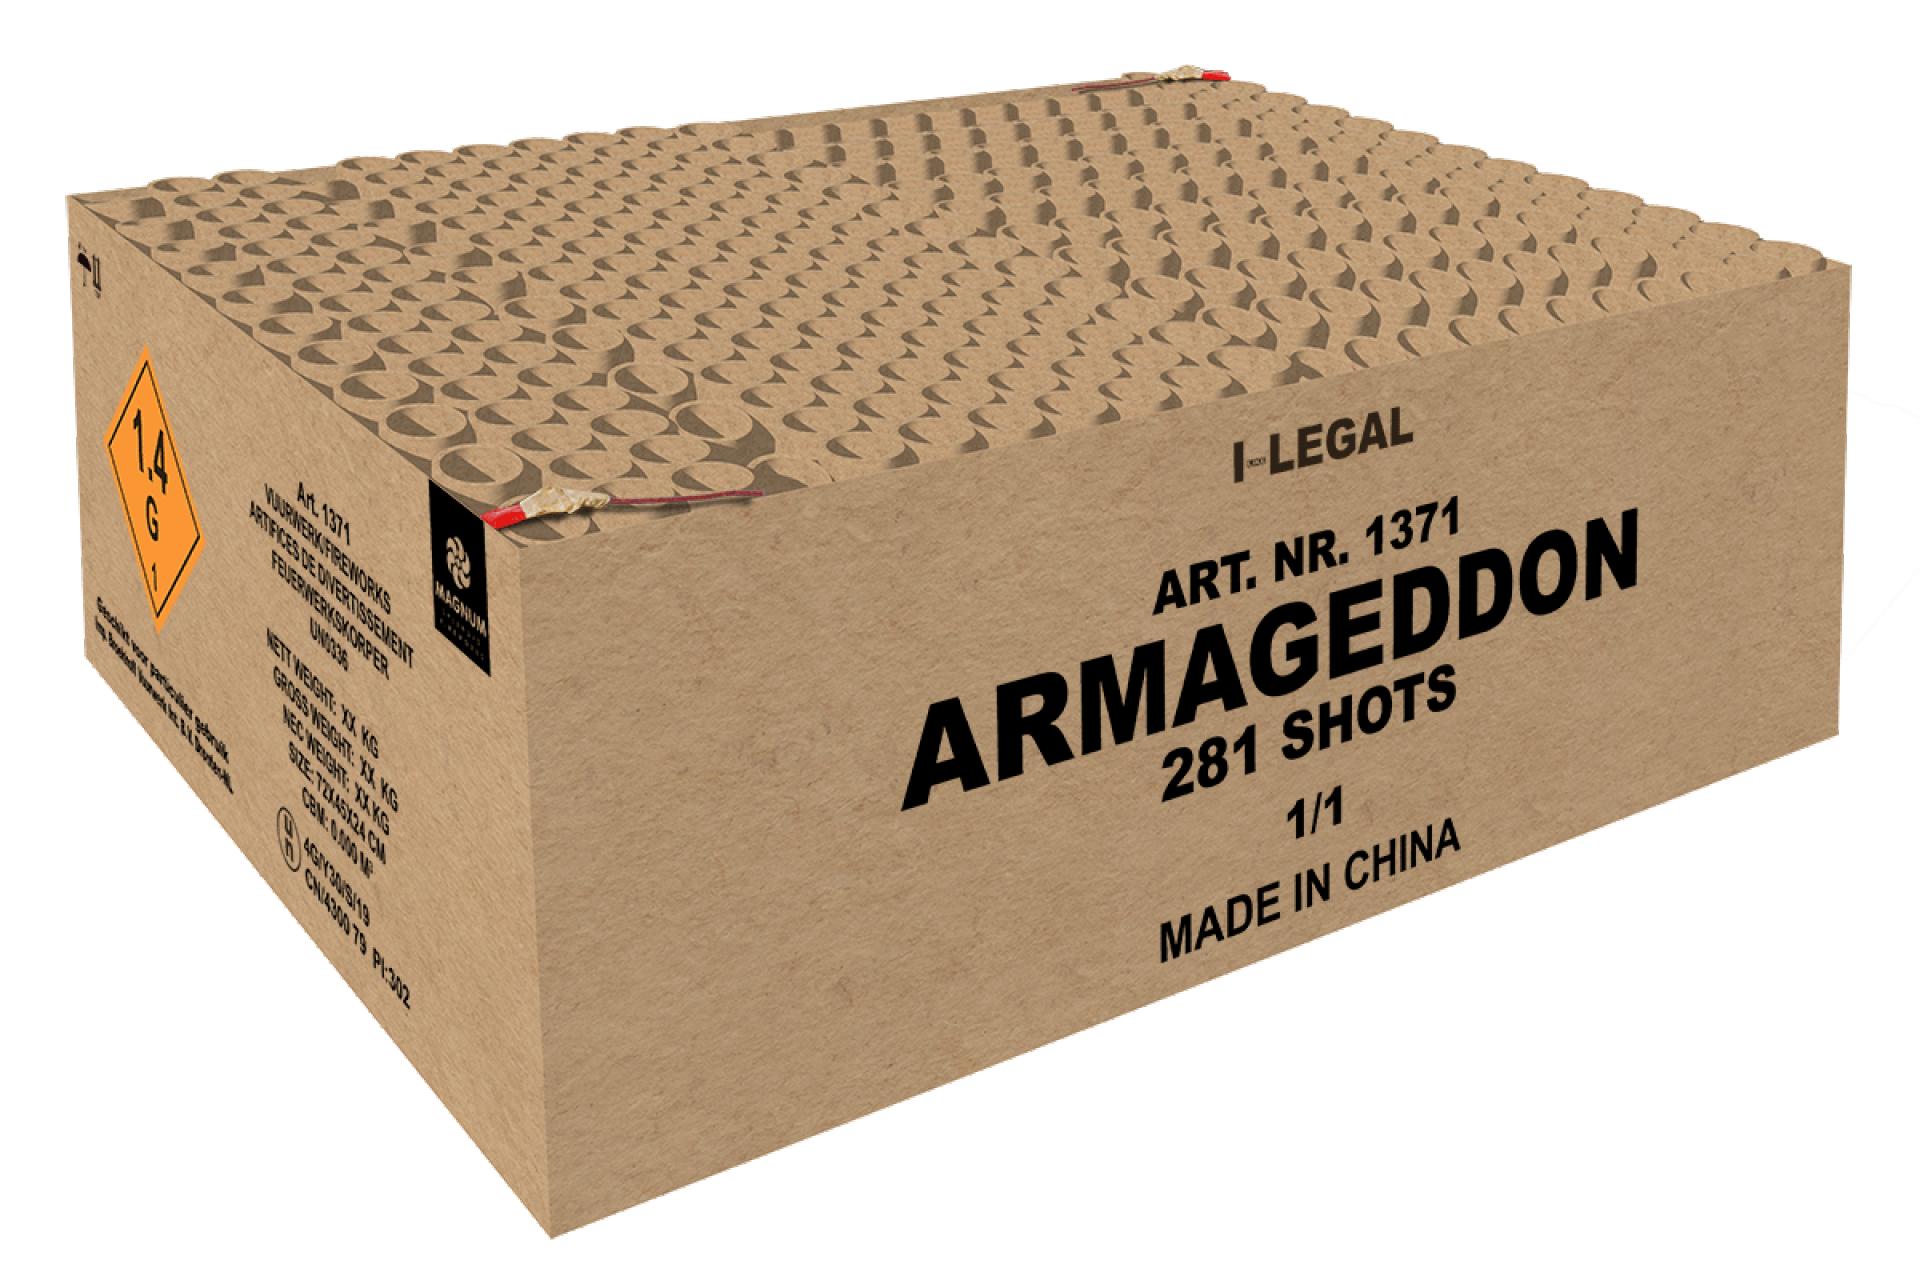 Magnum Armageddon 281 Schots Dubbele Compound